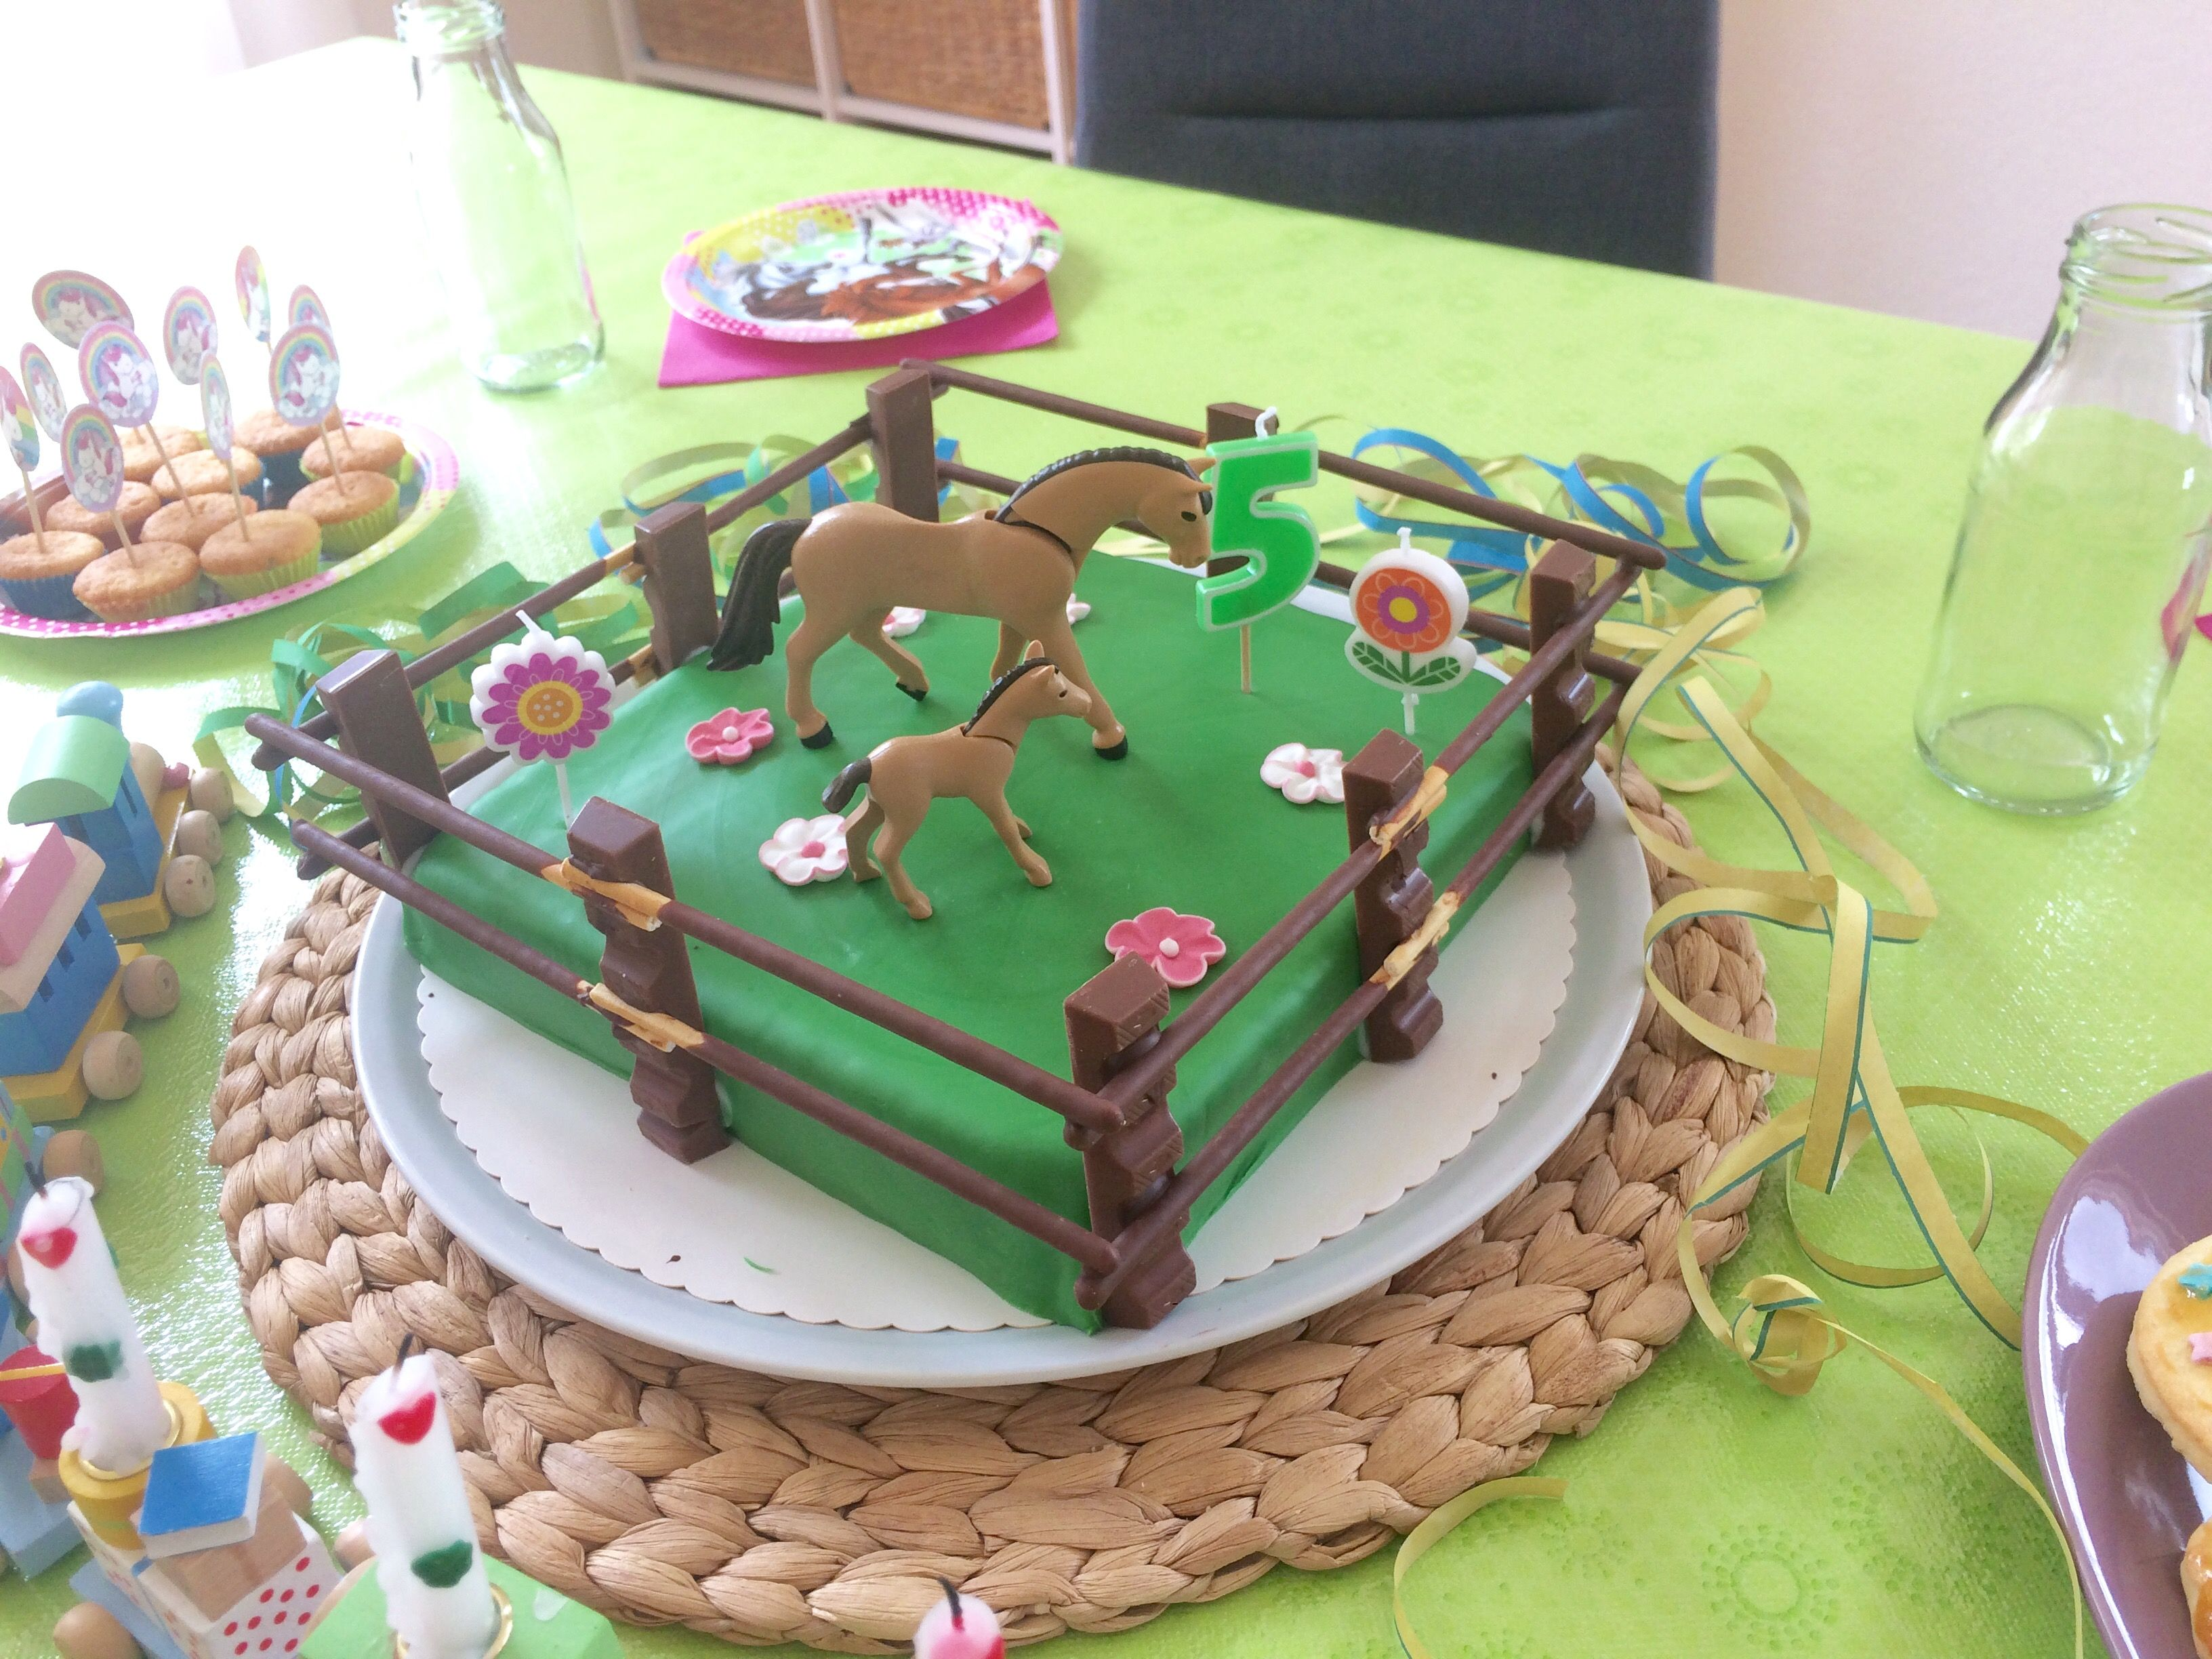 Pferdekuchen Geburtstag Koppel Birthday Cake Horses Horse Paddock